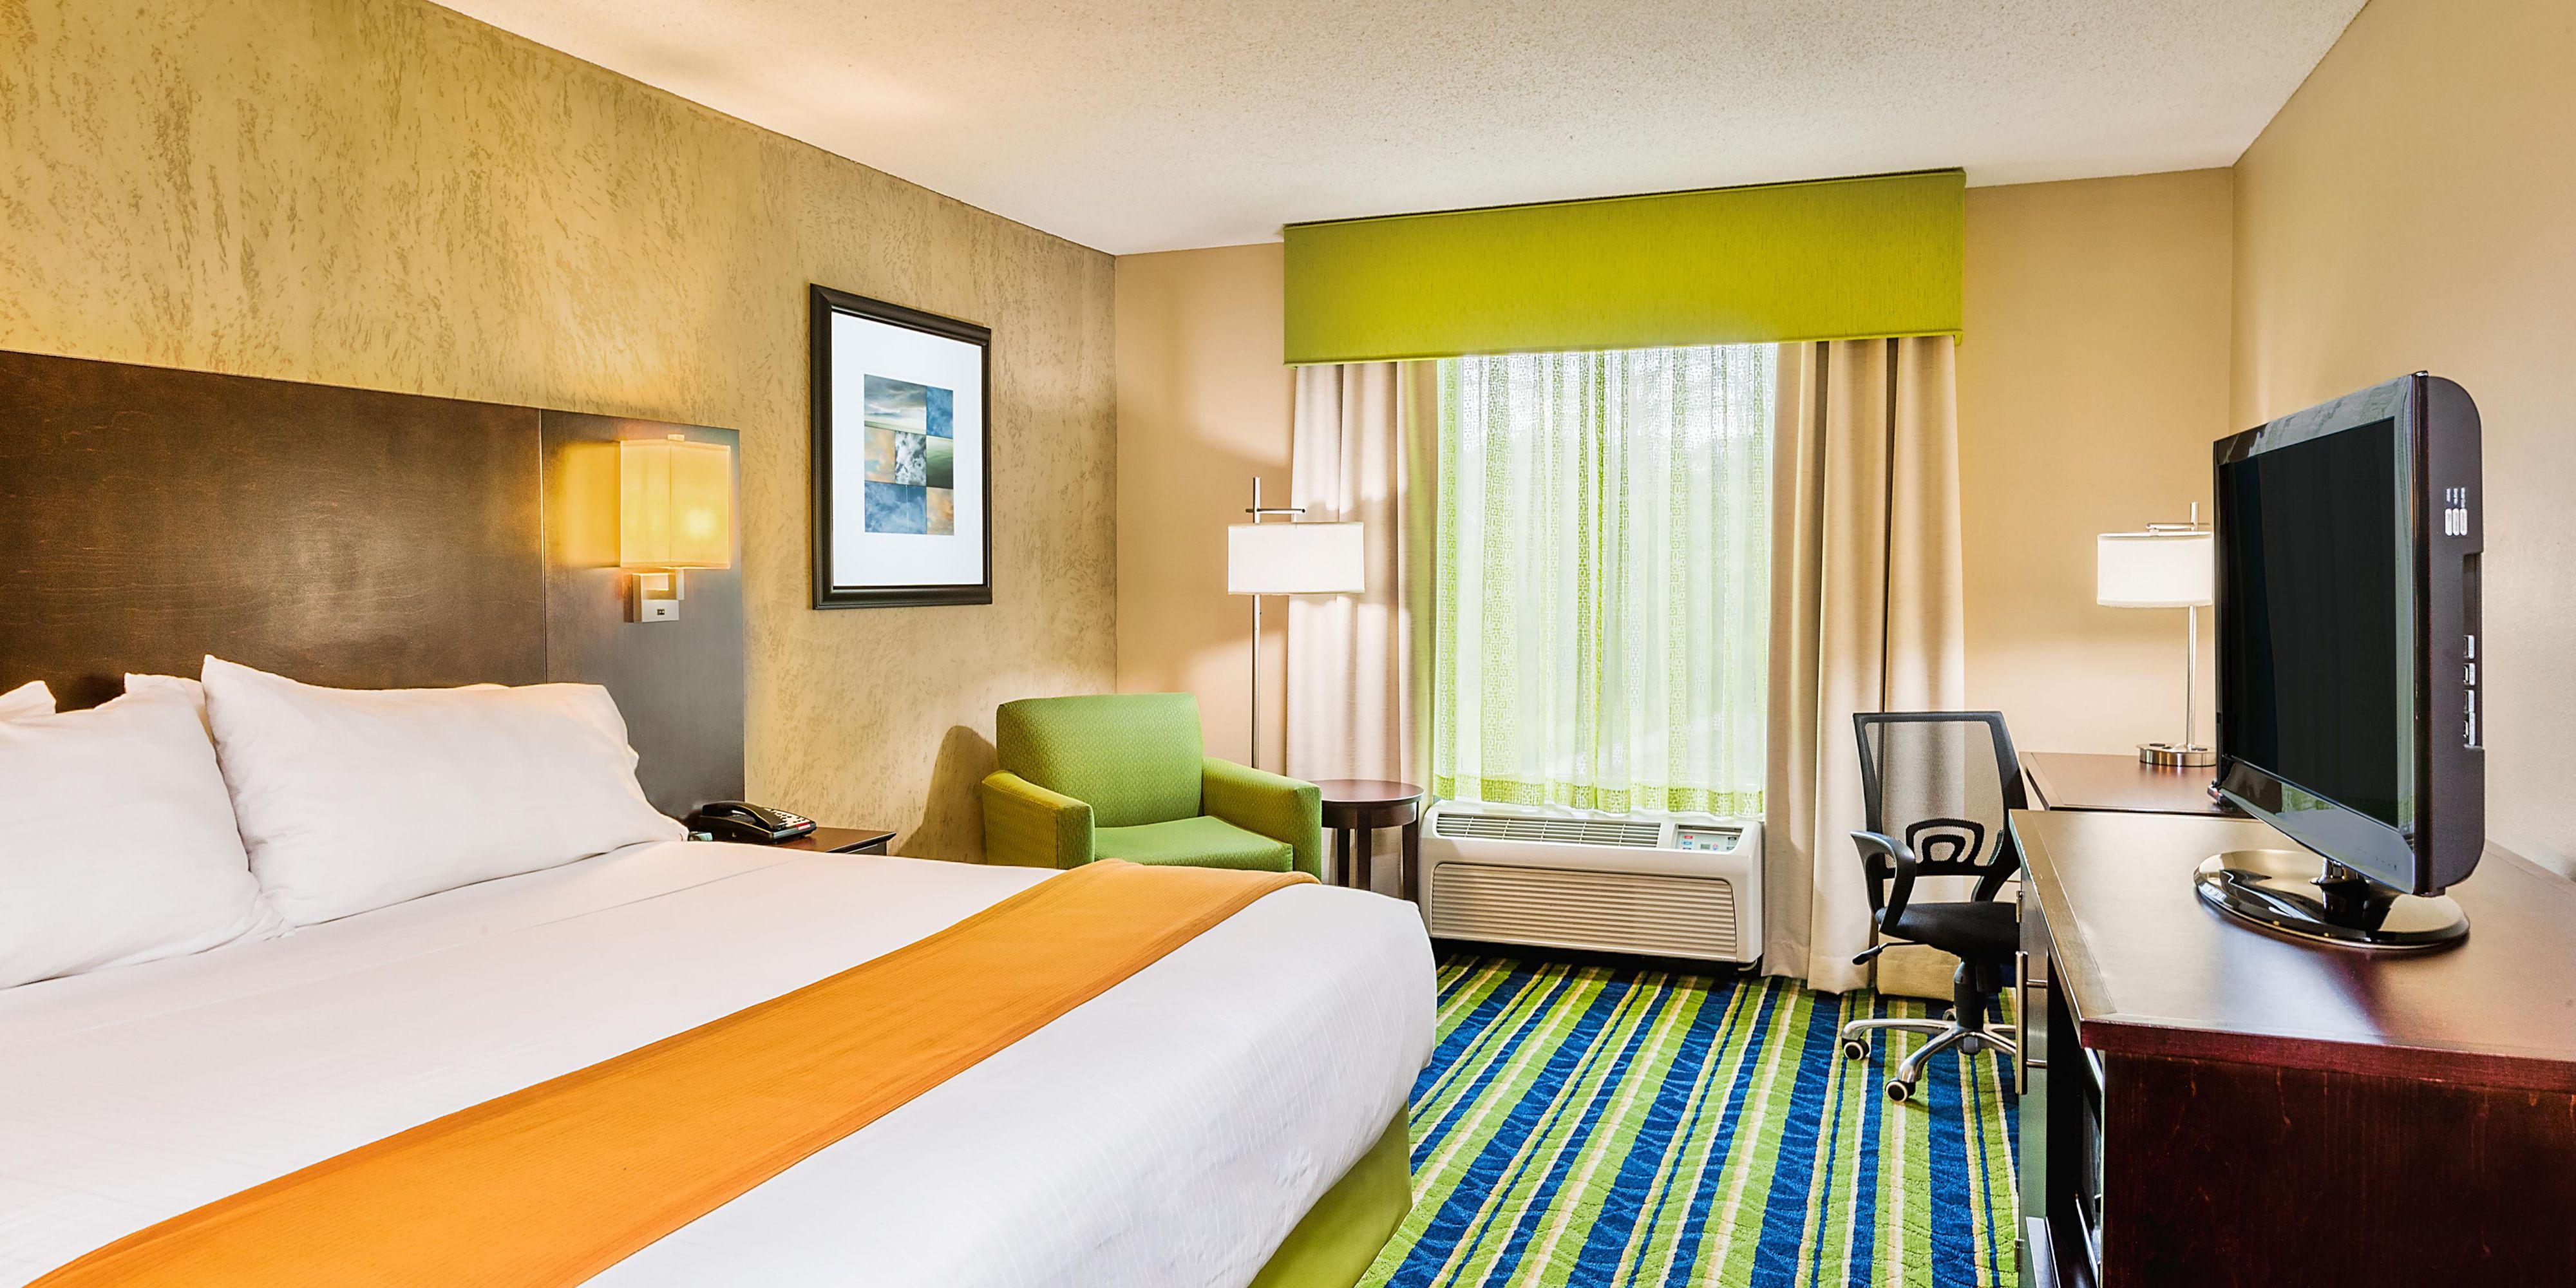 Holiday Inn Express Minden 2695608702 2x1